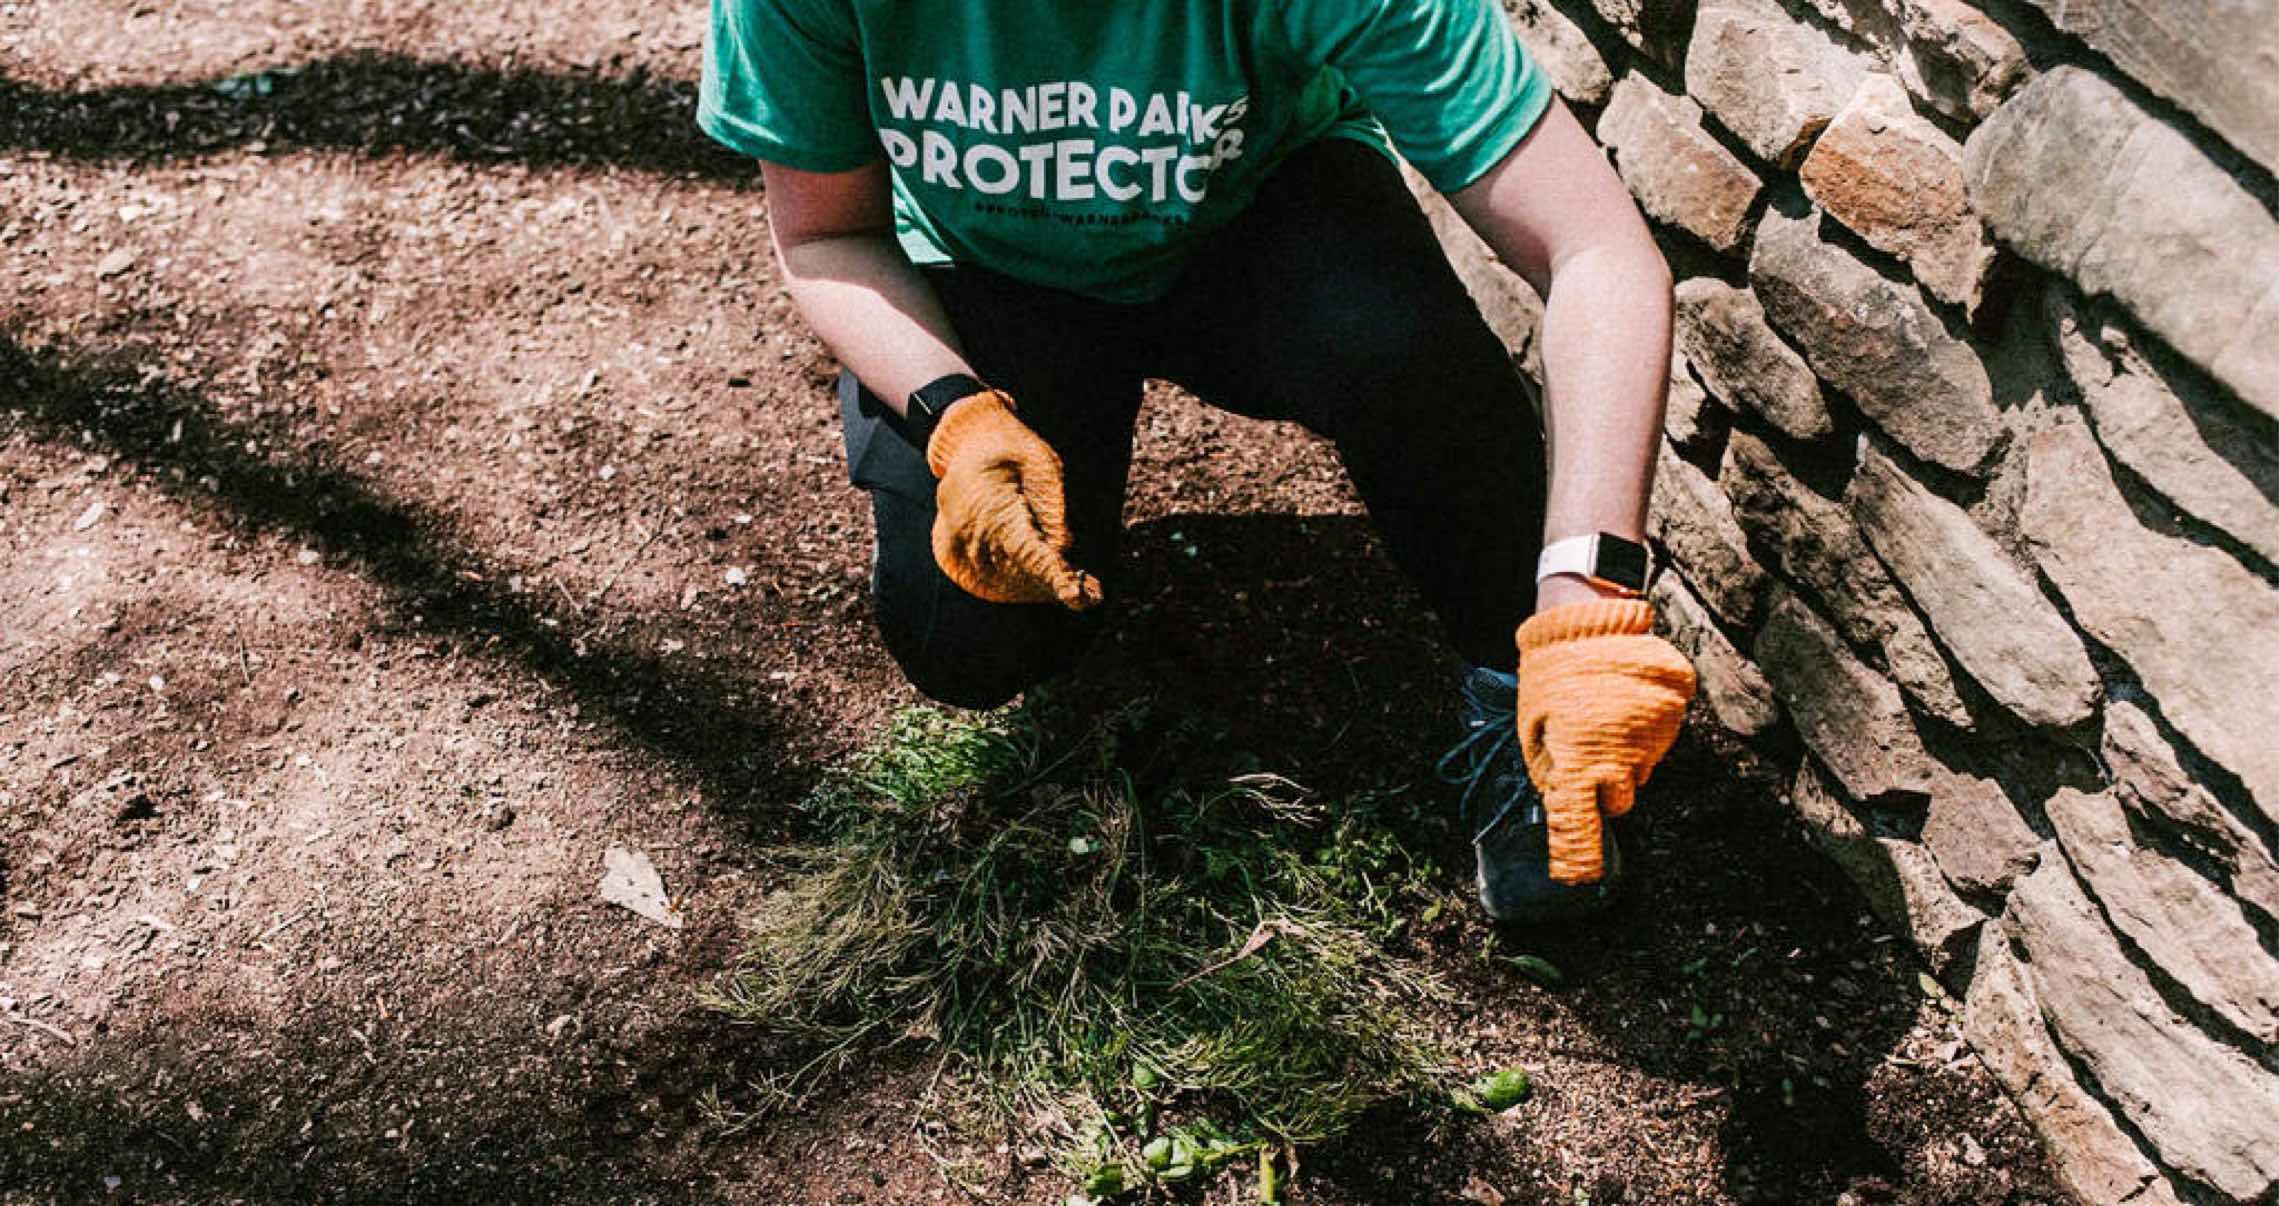 A volunteer removing old grass at Warner Parks